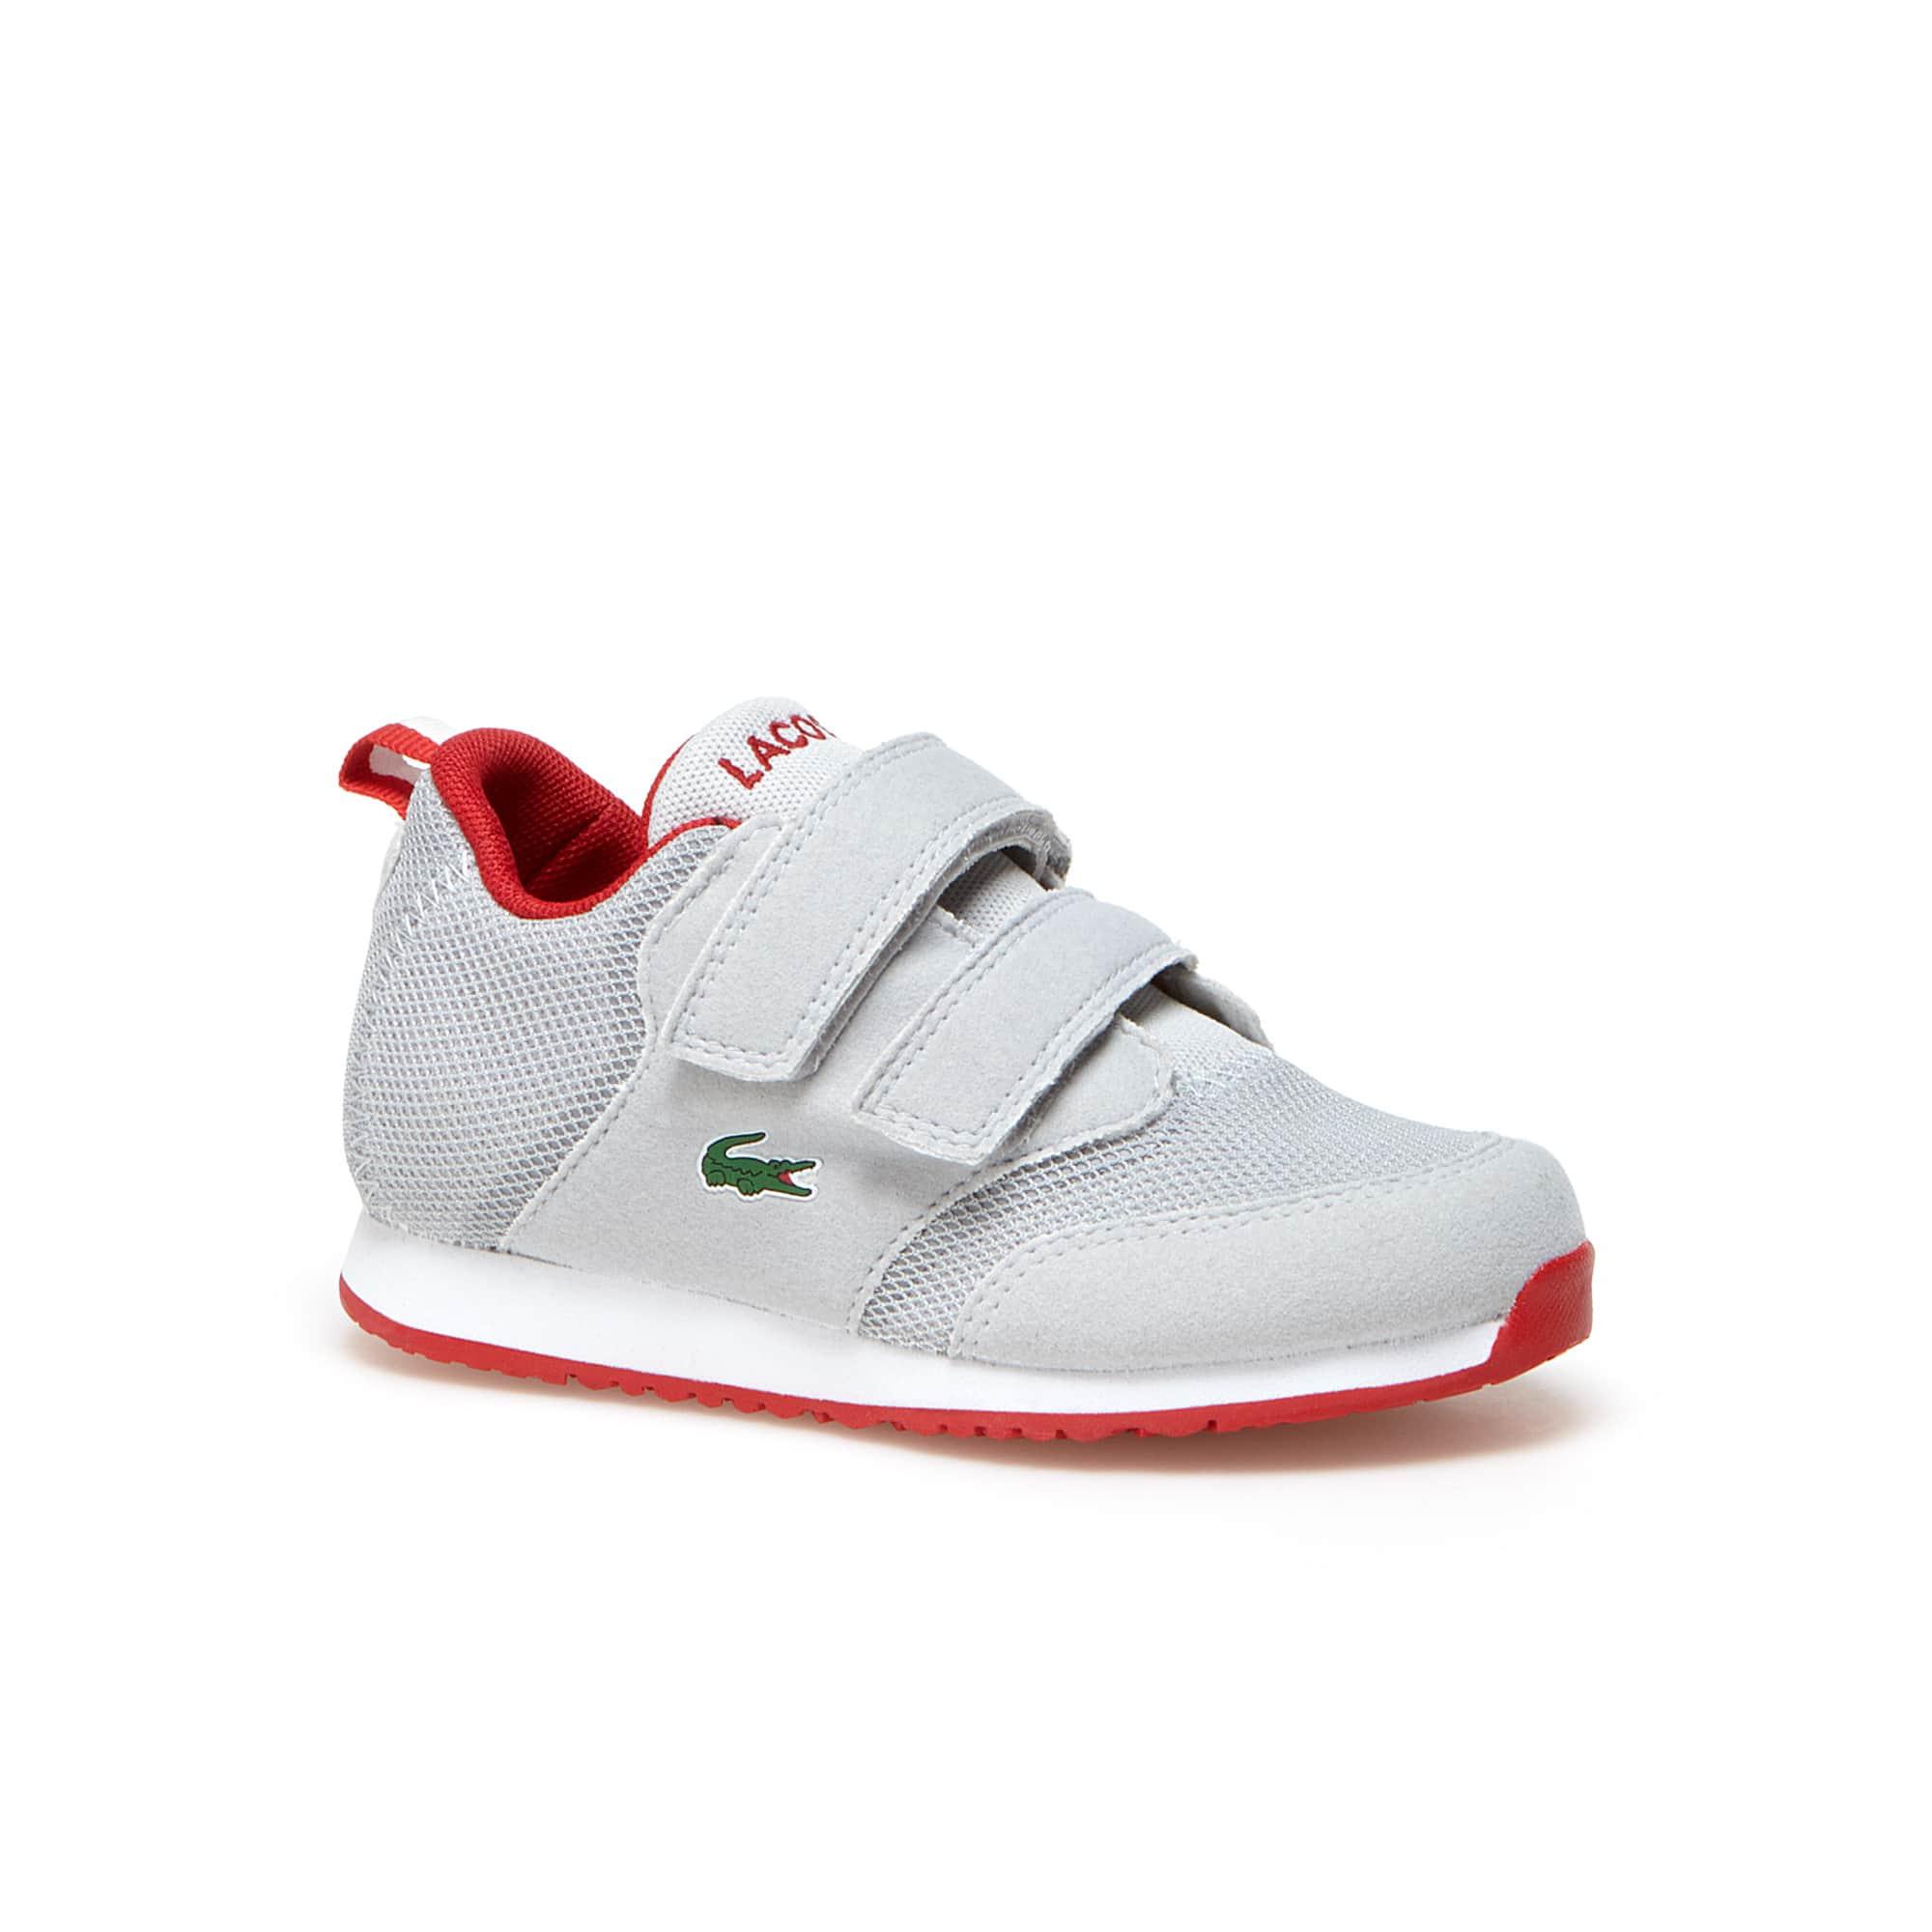 Sneakers Kids L.IGHT in tela aerata con chiusura rapida